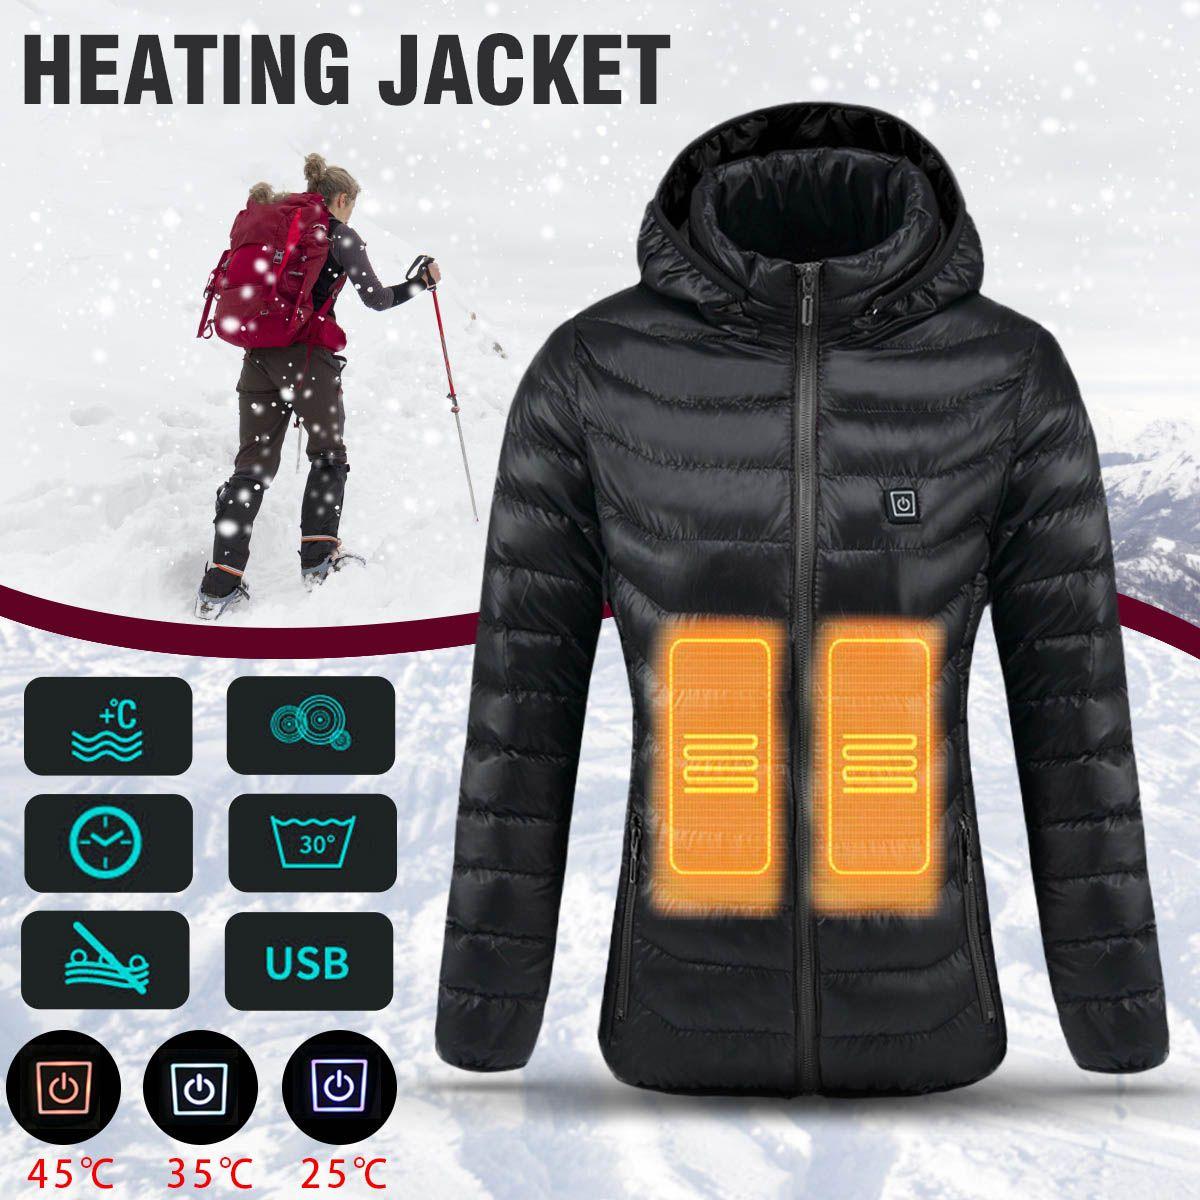 Frauen Beheizten Sicherheit Jacke Winter Thermische Warme Mit Kapuze Heizung Kleidung USB Konstante Temperatur Wasserdichte Mantel